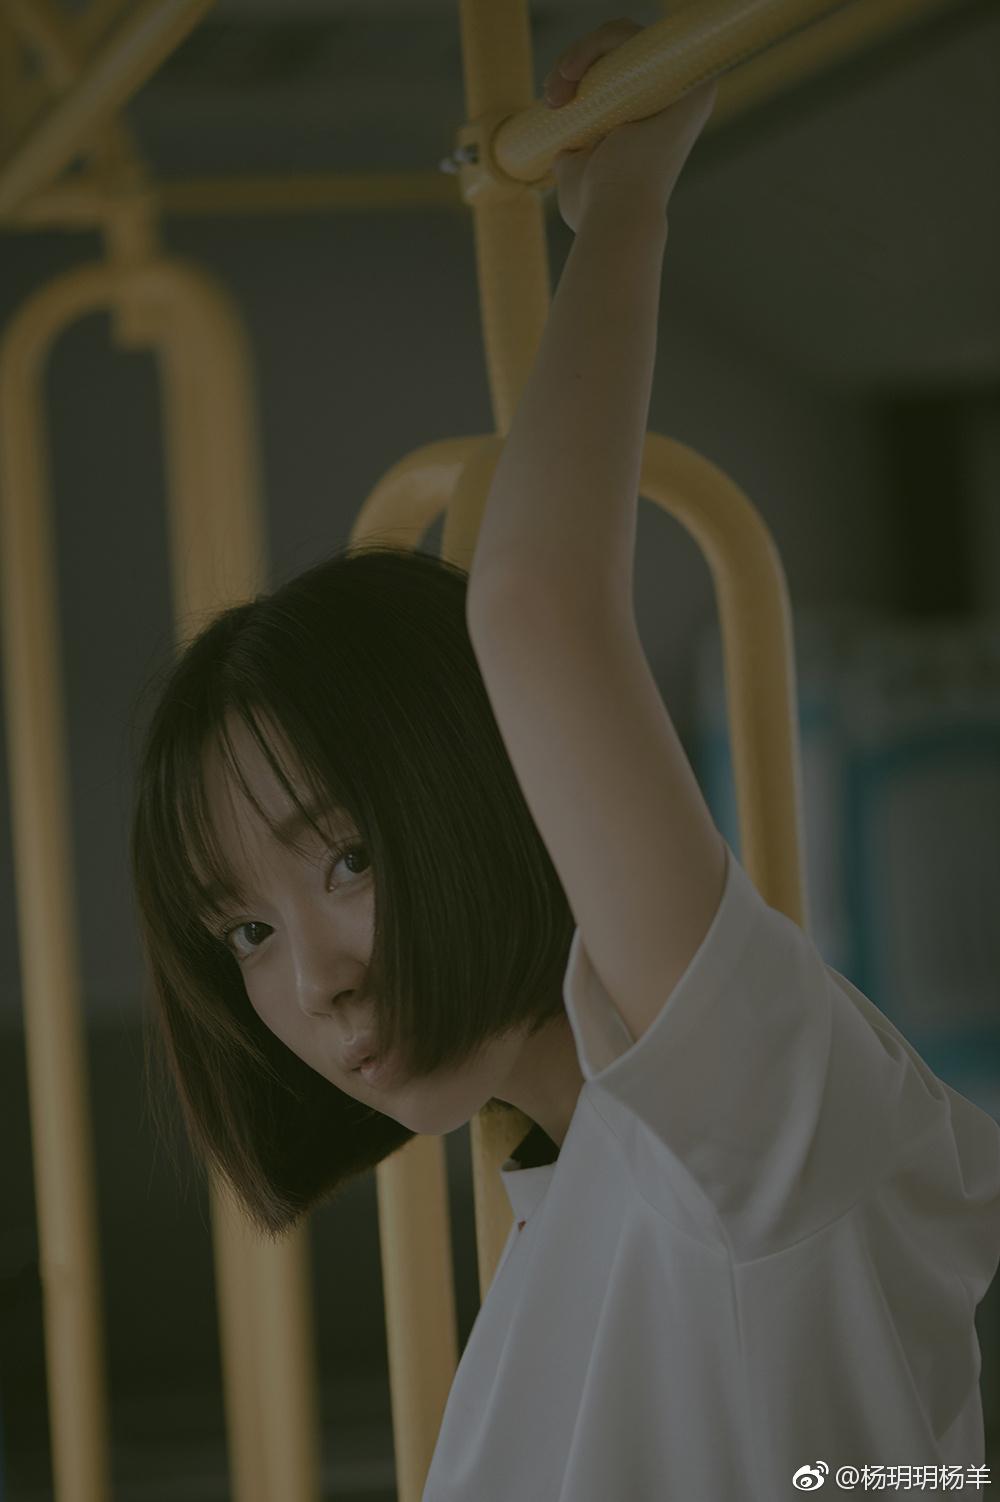 春风十里不如你 杨玥清新少女写真曝光图片